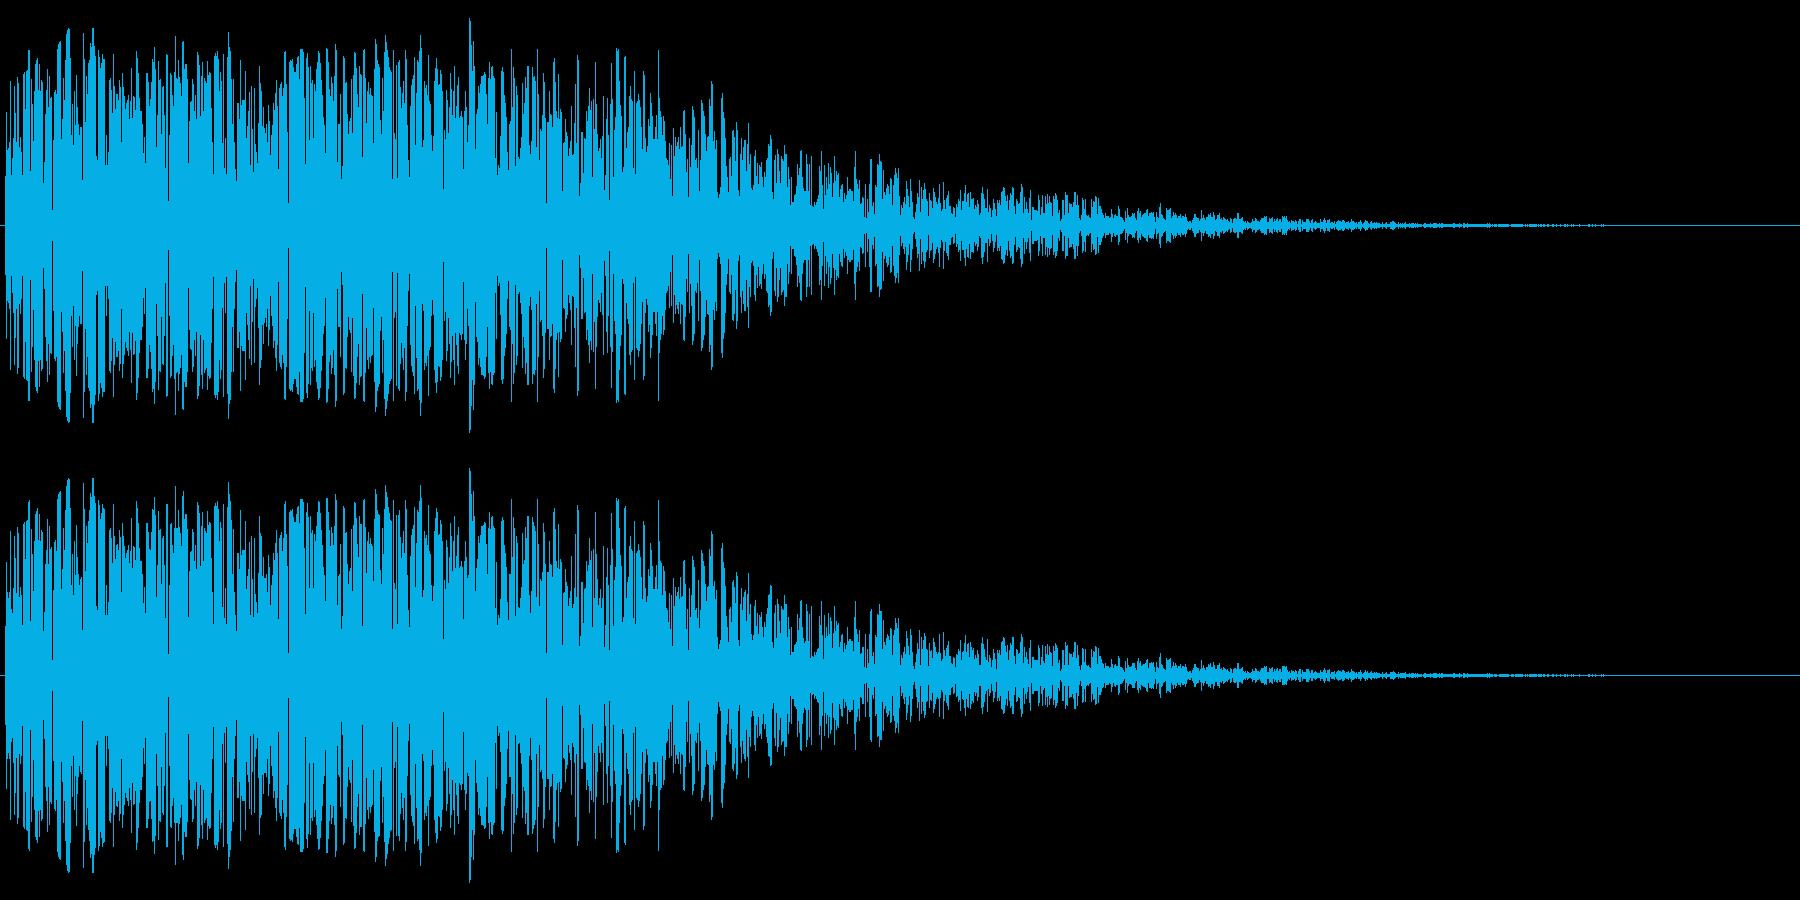 昭和の特撮にありそうな衝撃音(ドーン)の再生済みの波形